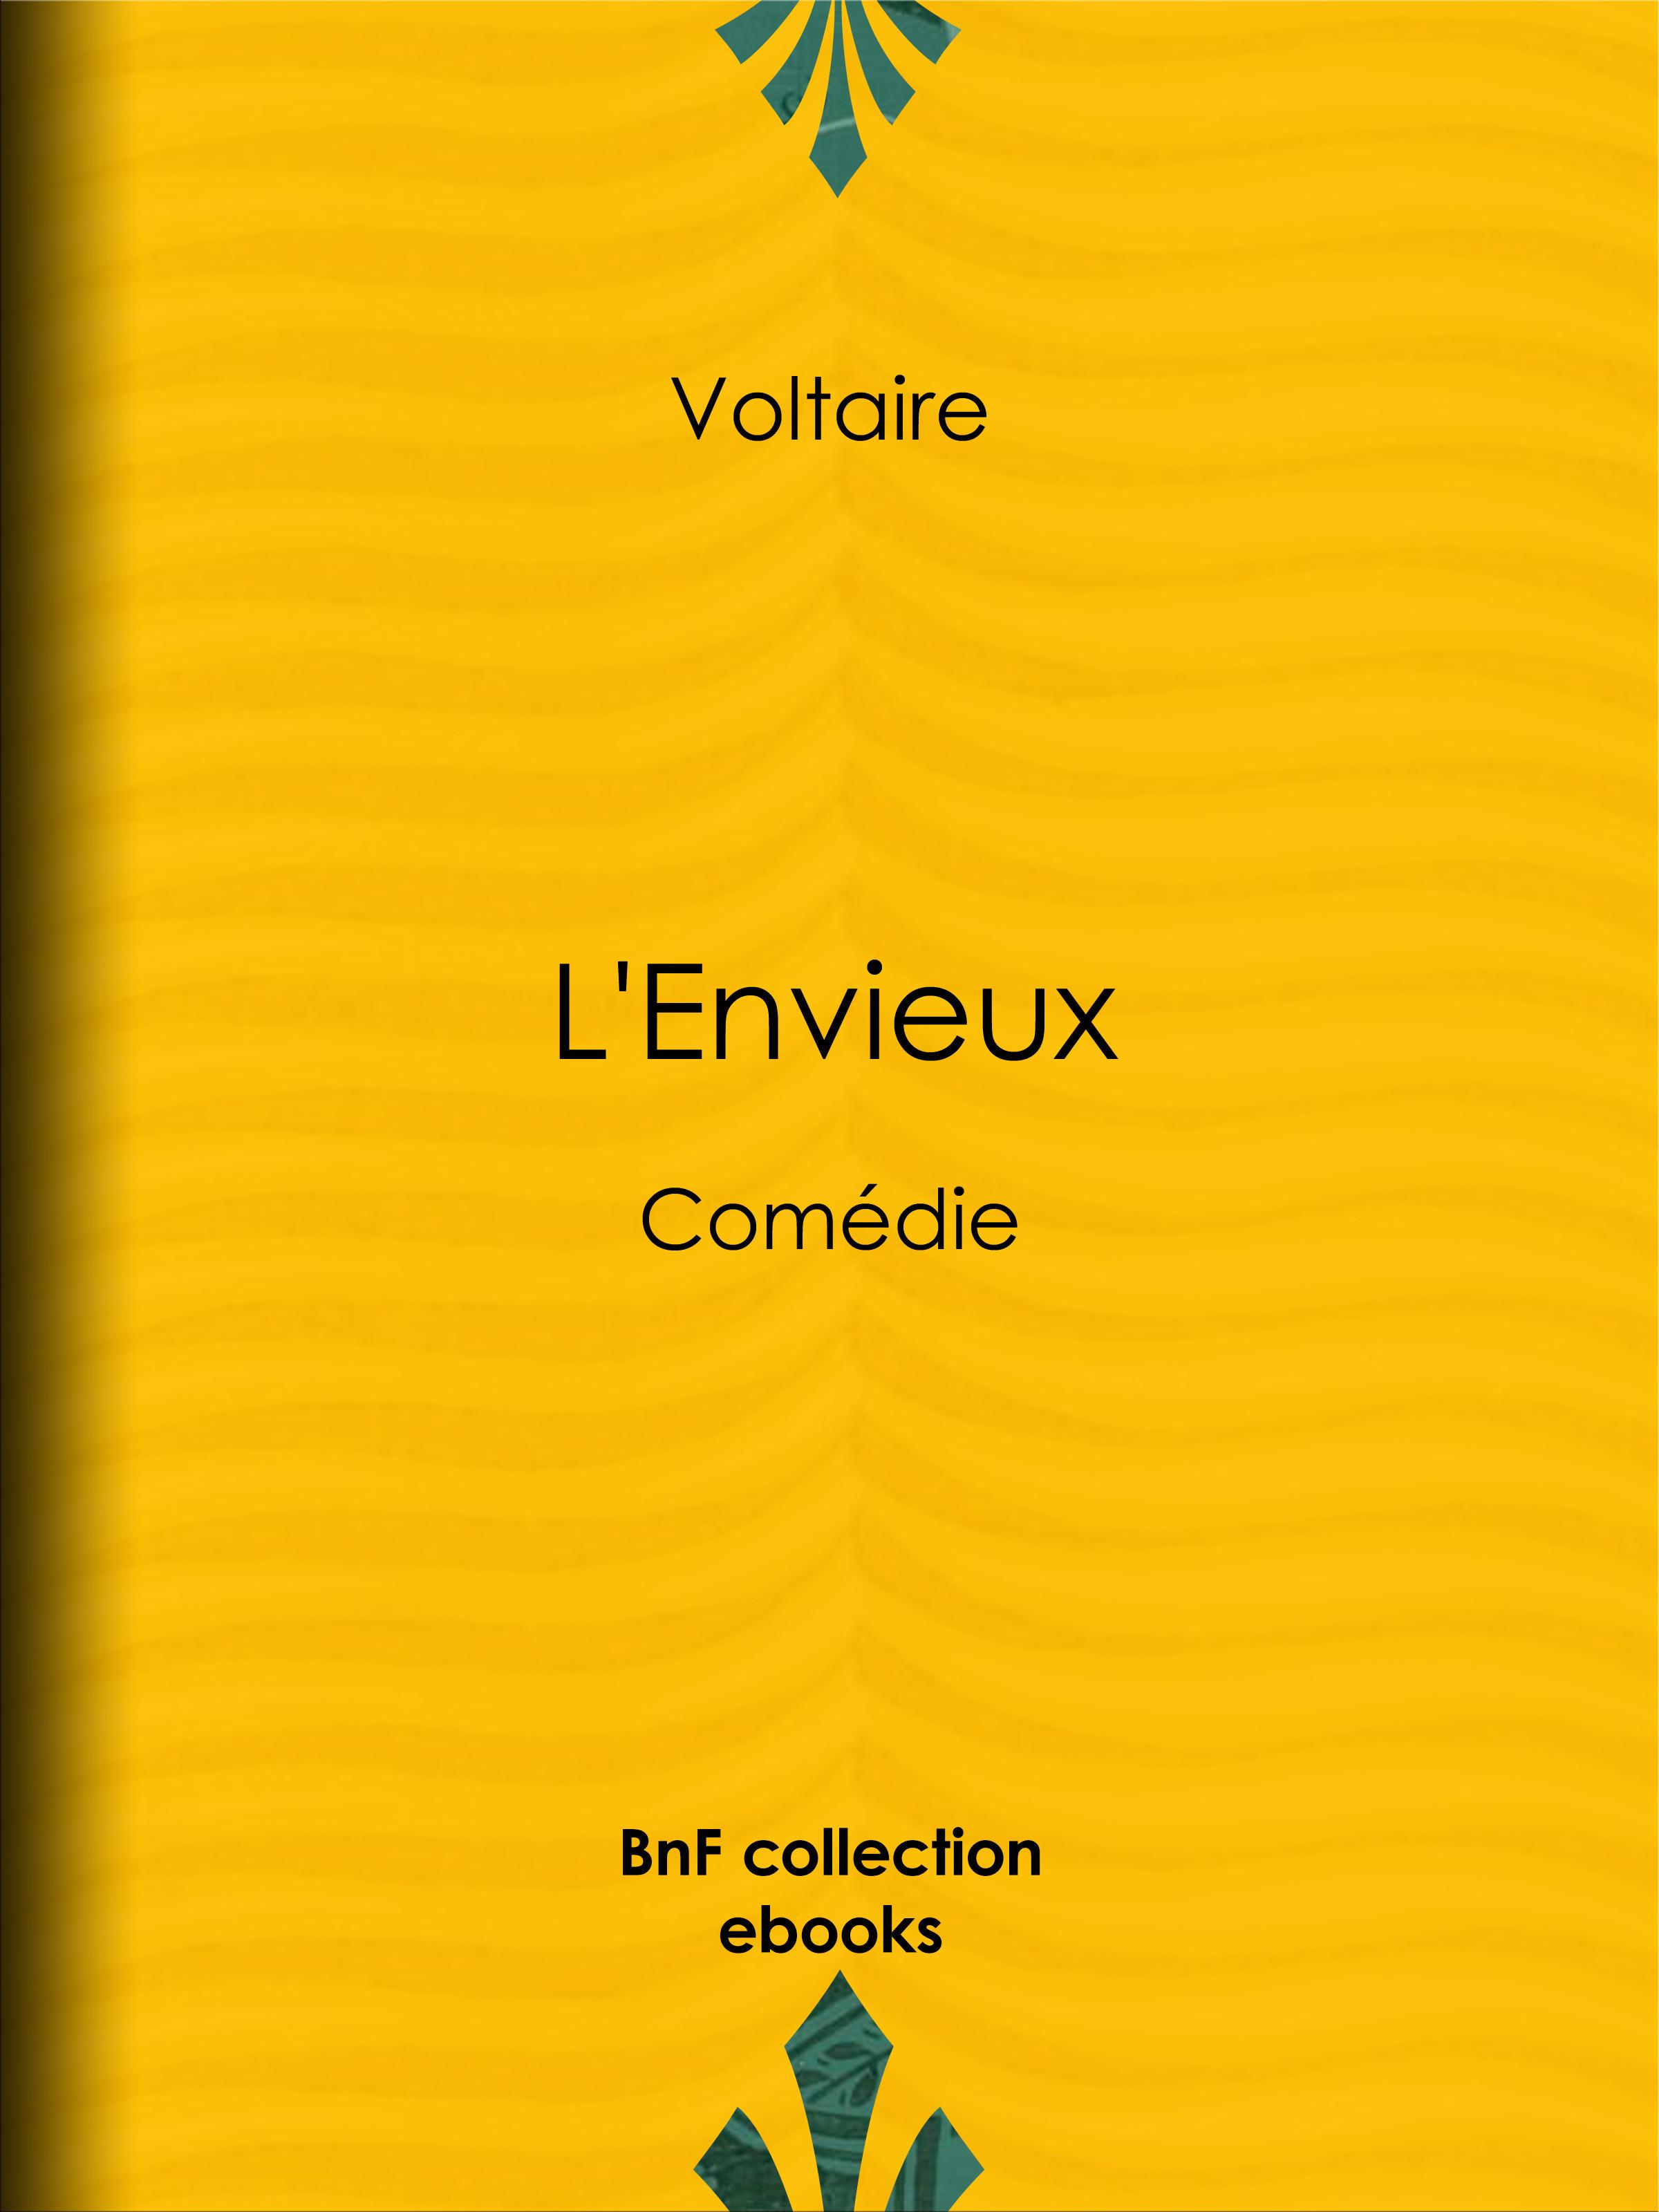 L'Envieux  - Voltaire  - Louis Moland